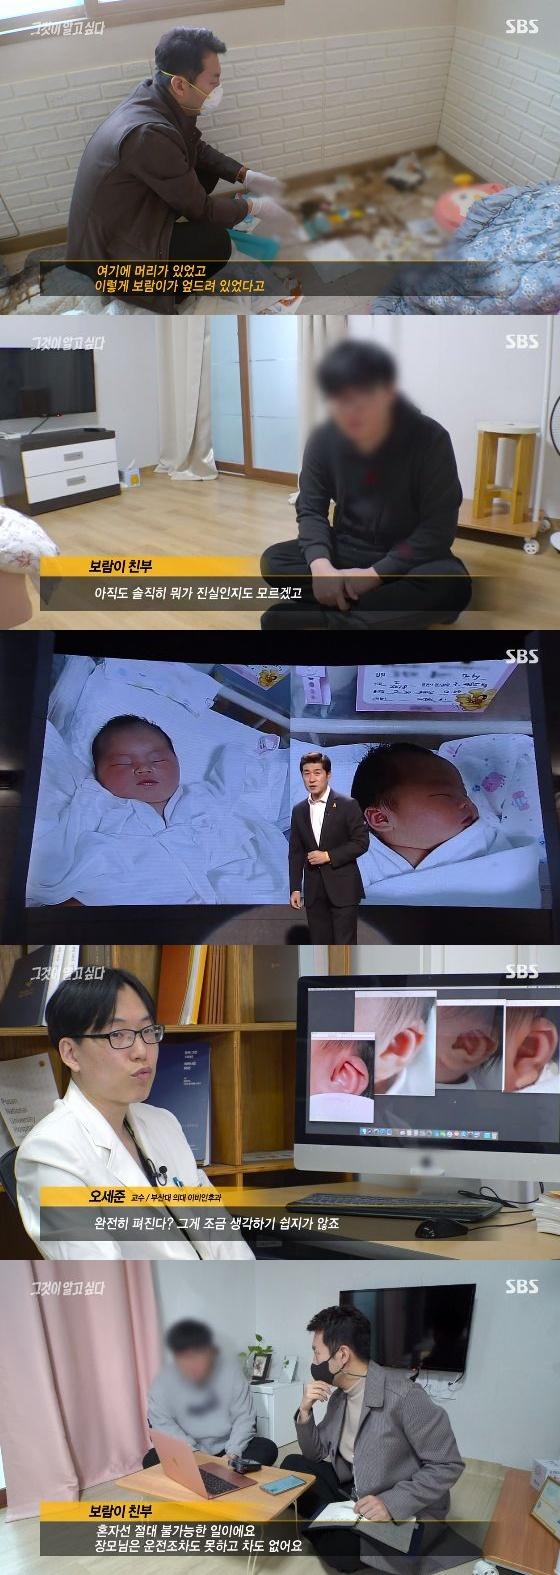 /사진= SBS '그것이 알고싶다' 방송화면 캡쳐